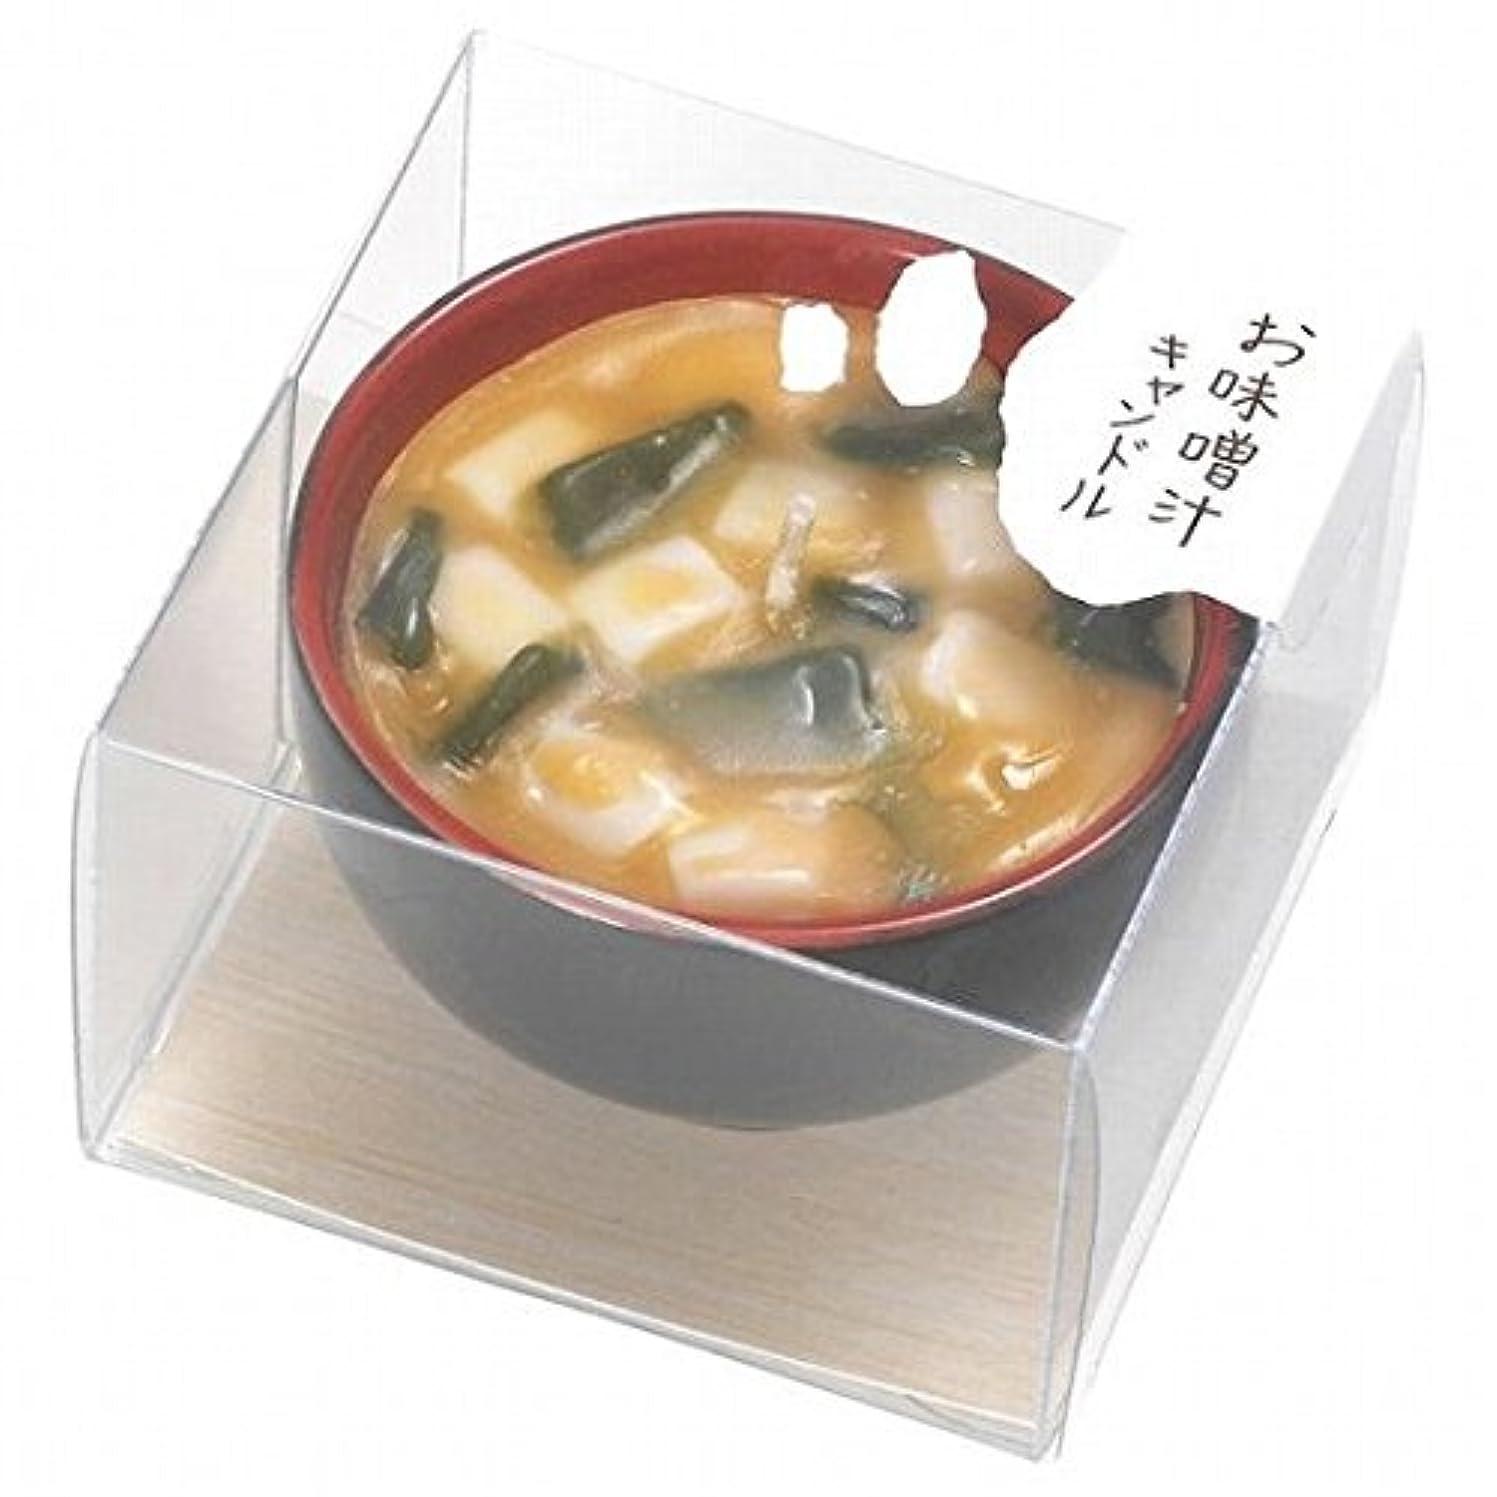 モニター最少火山学者kameyama candle(カメヤマキャンドル) お味噌汁キャンドル(86950000)